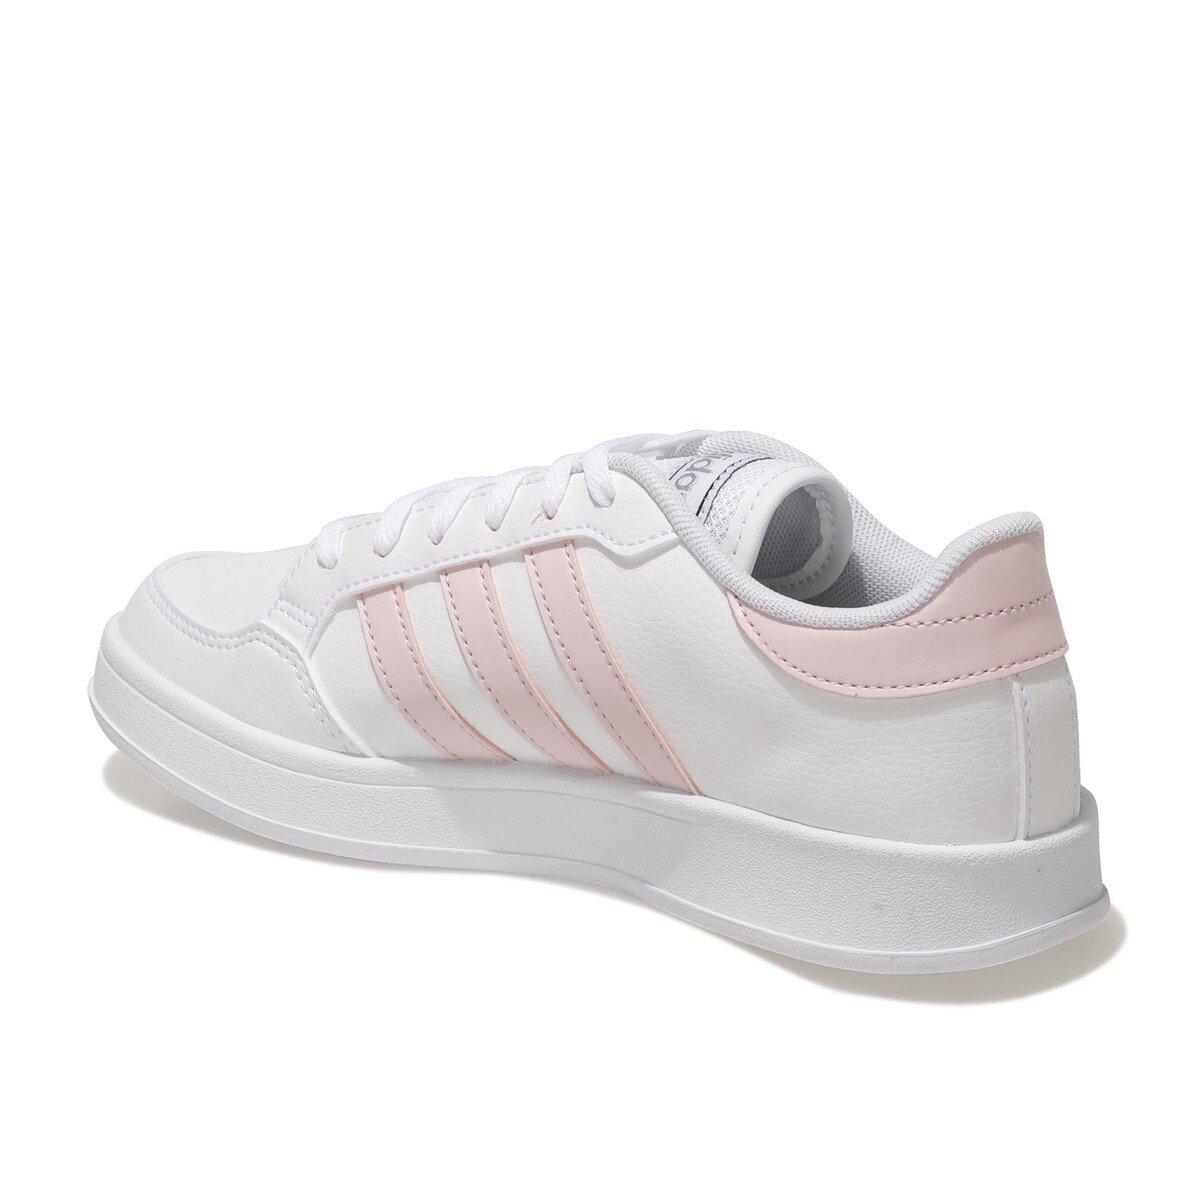 Breaknet Kadın Beyaz Spor Ayakkabı (FZ2466)